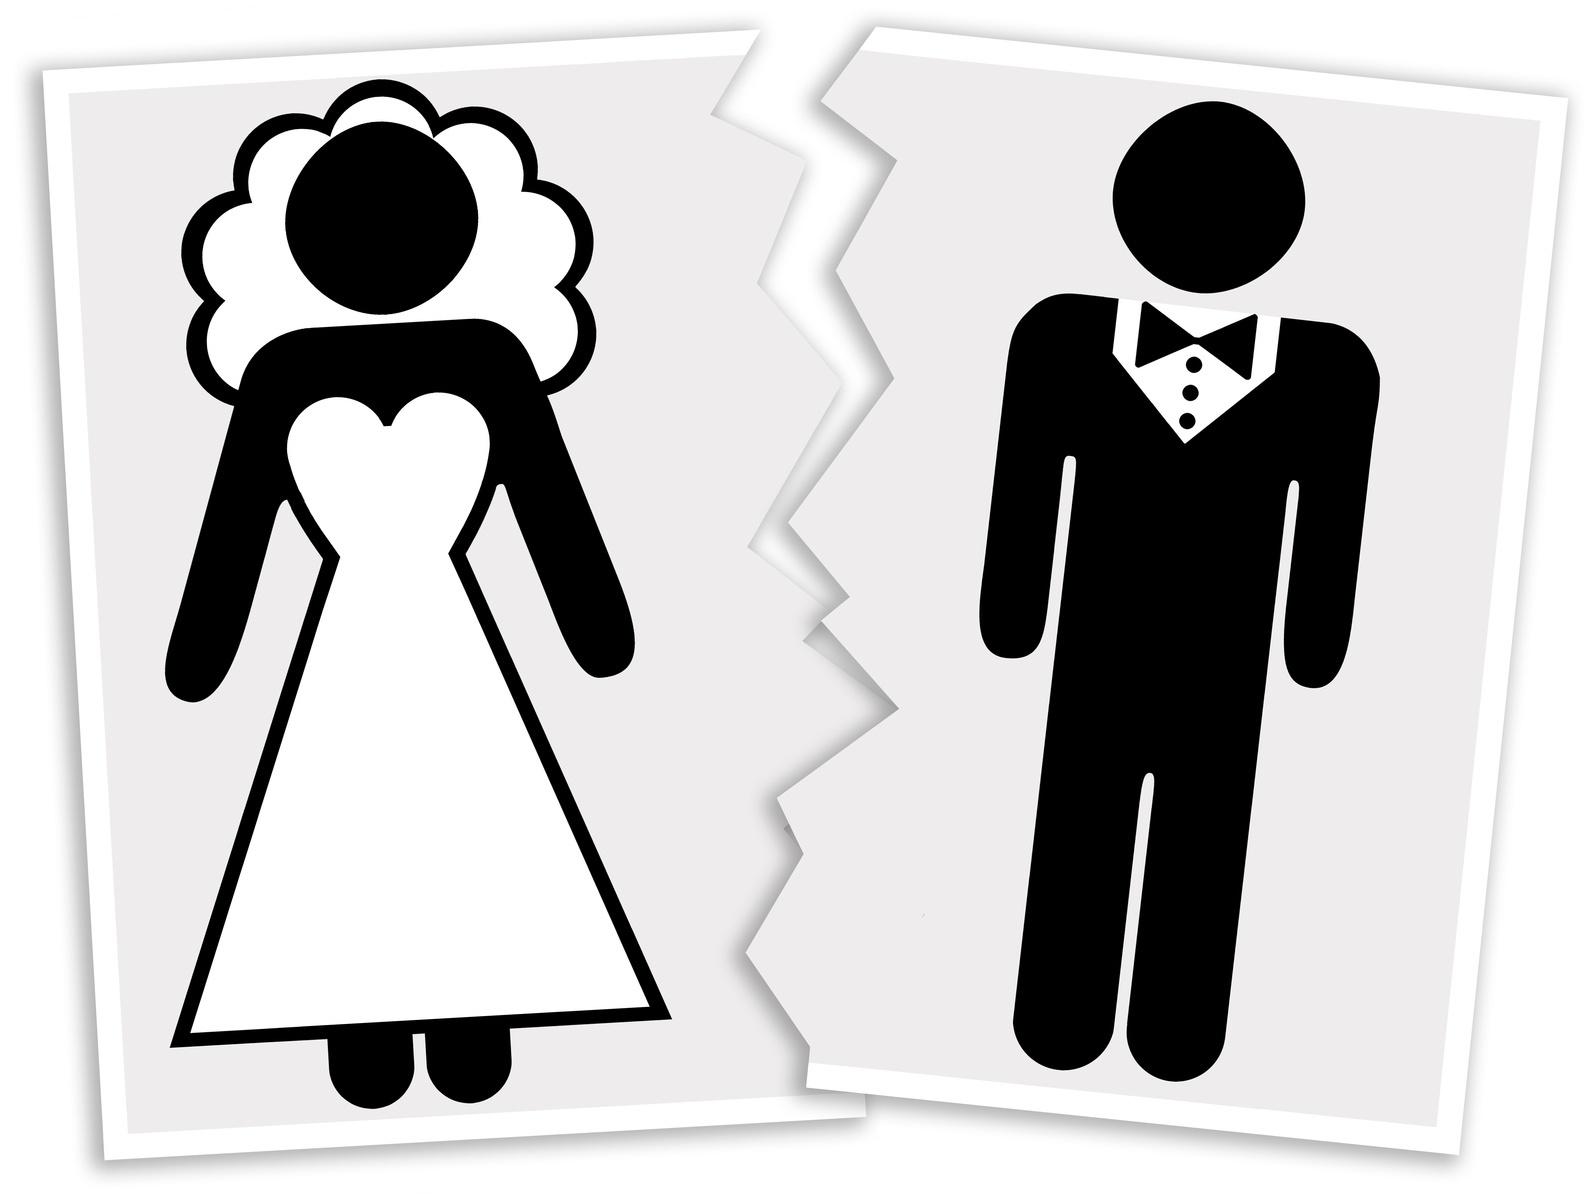 متى تمل الزوجة من زوجها؟ وما هي علامات بعد الزوجة عن زوجها؟